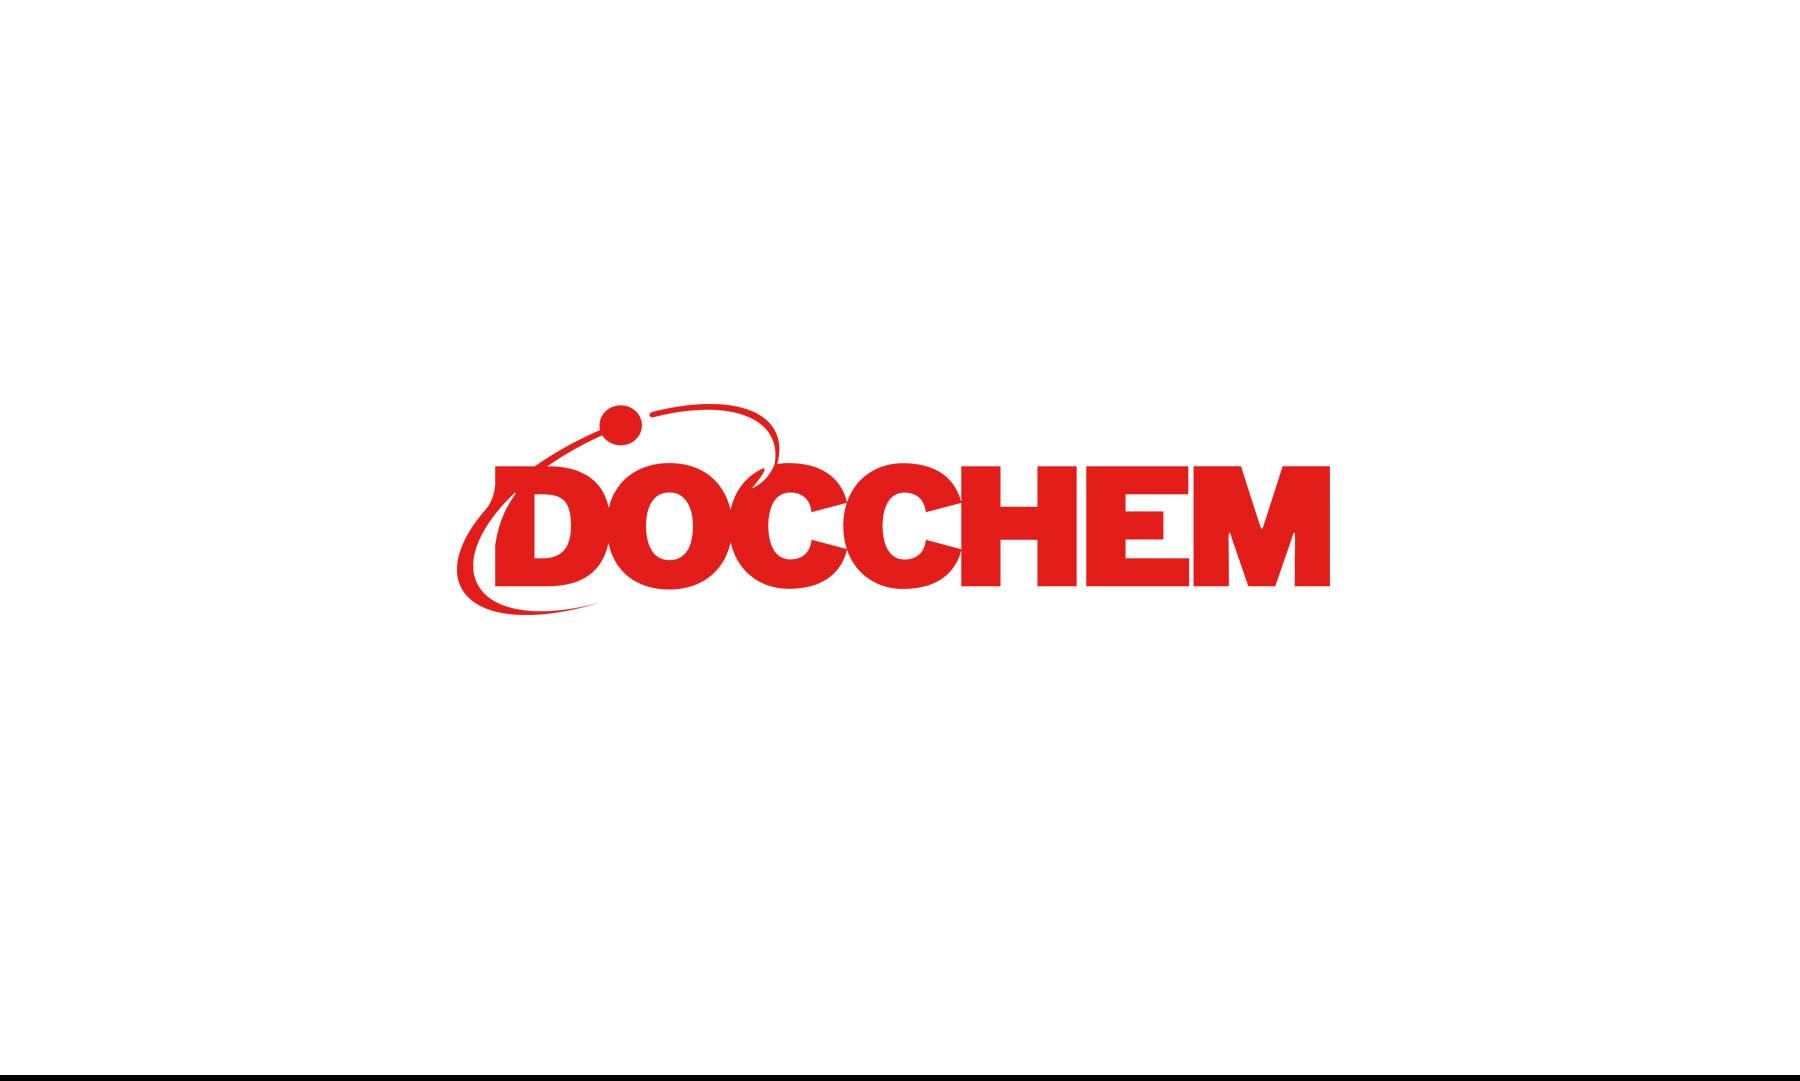 logo-docchem-big